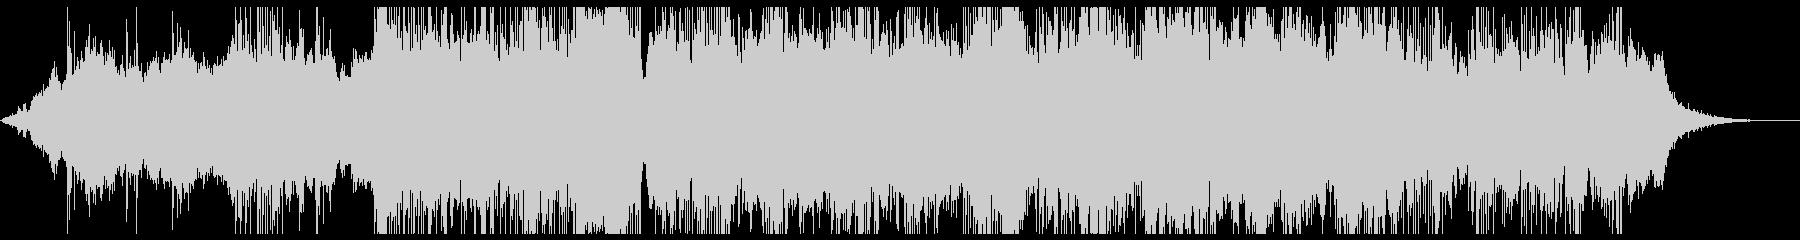 暗い雰囲気のアンビエントなBGMの未再生の波形